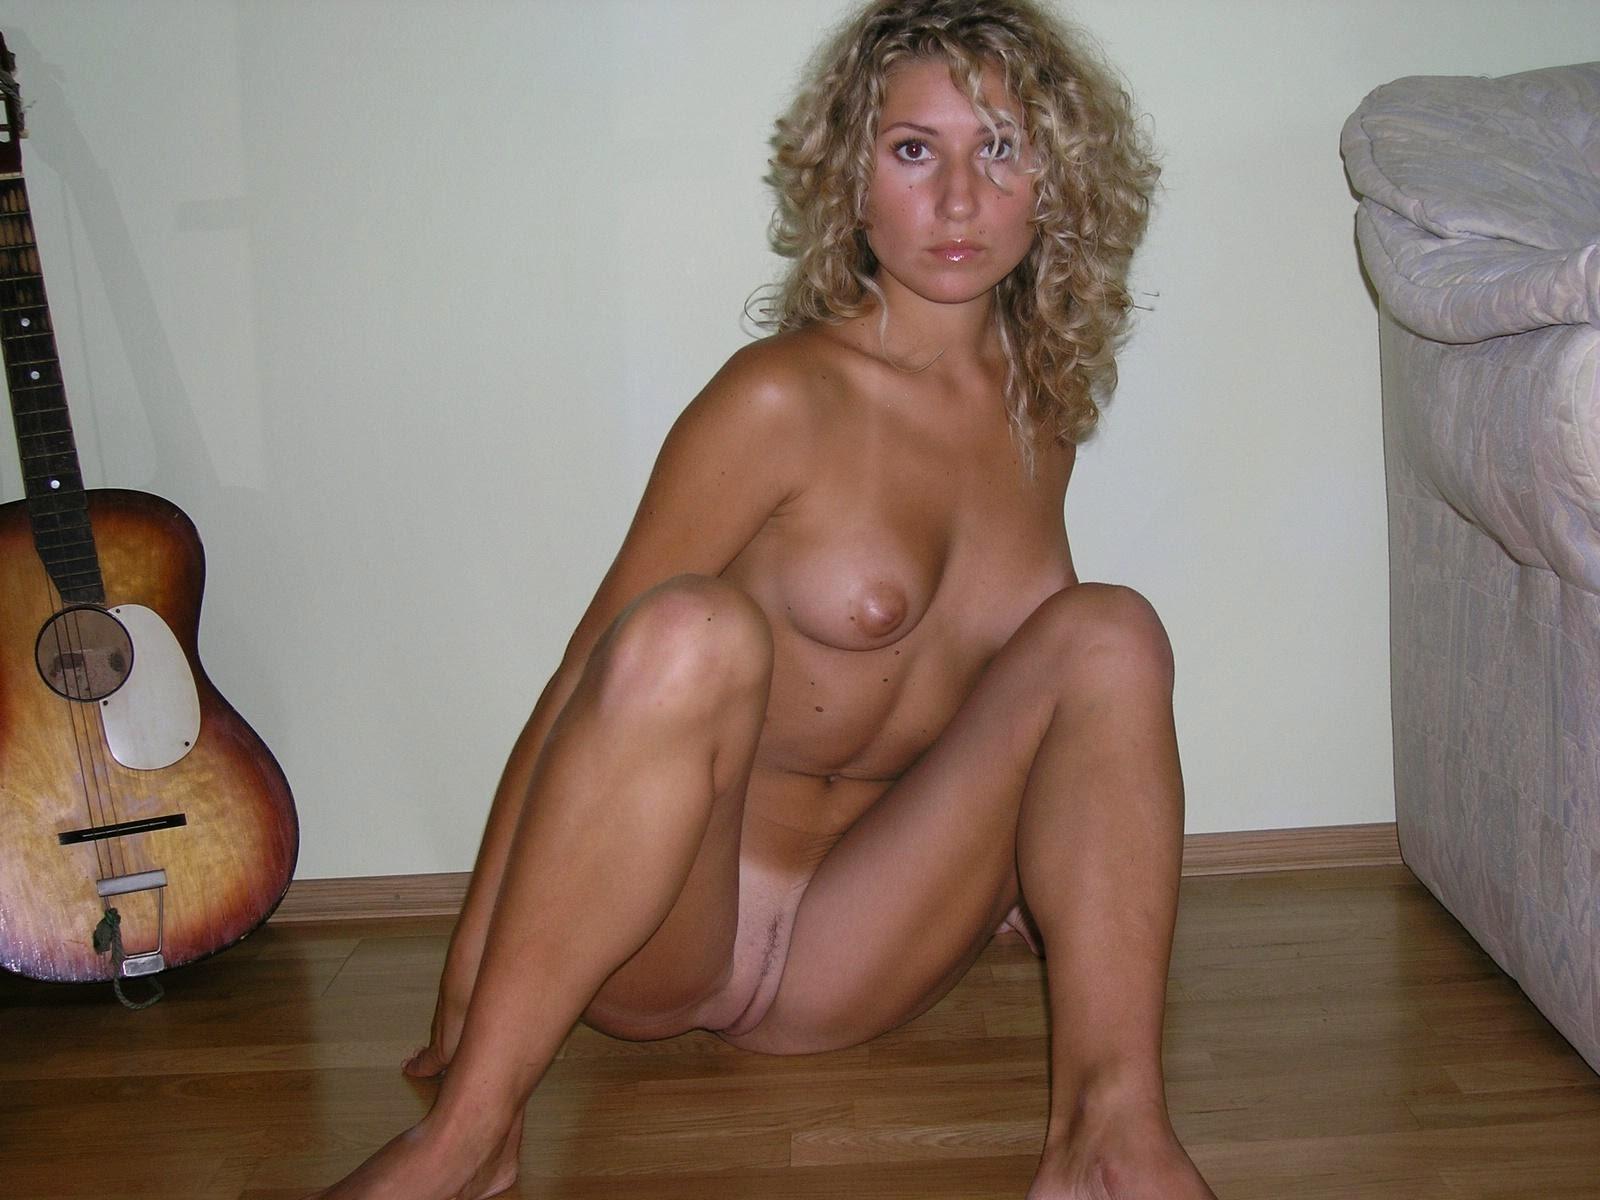 Фото голой девушки в домашней обстановке 18 фотография